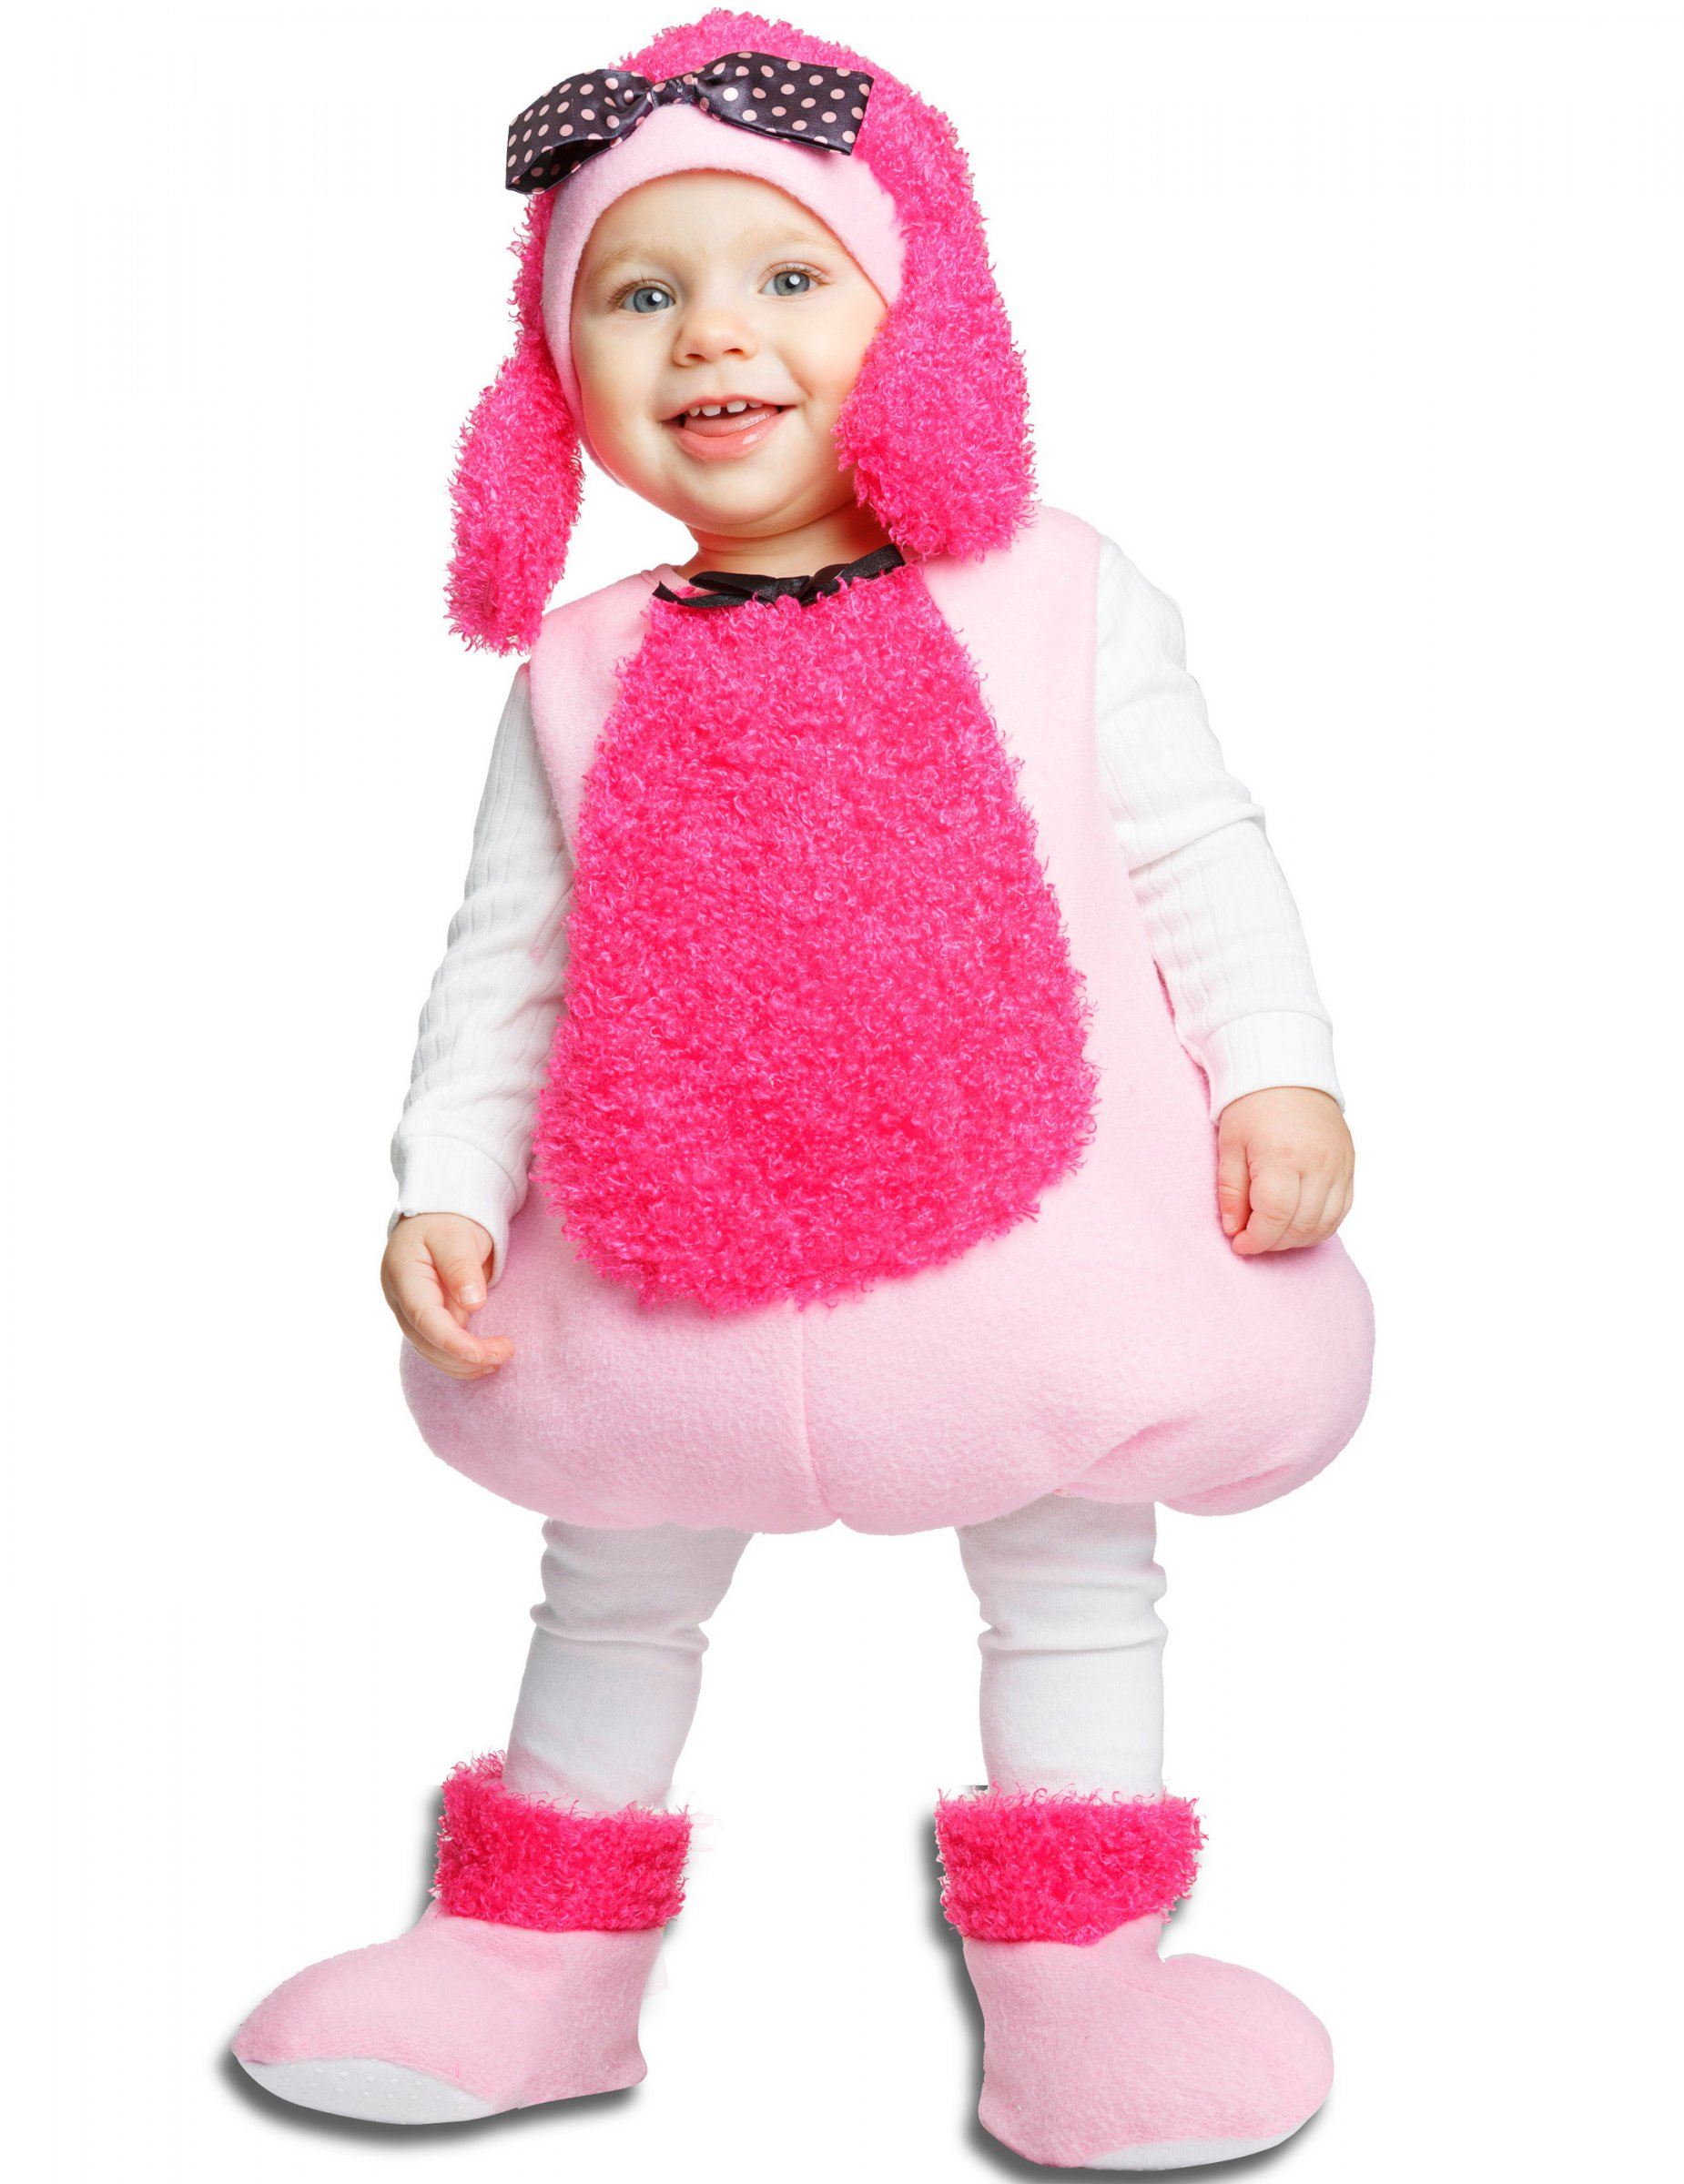 Rosa pudel - Maskeradkläder för bebisar dbe87719611a0